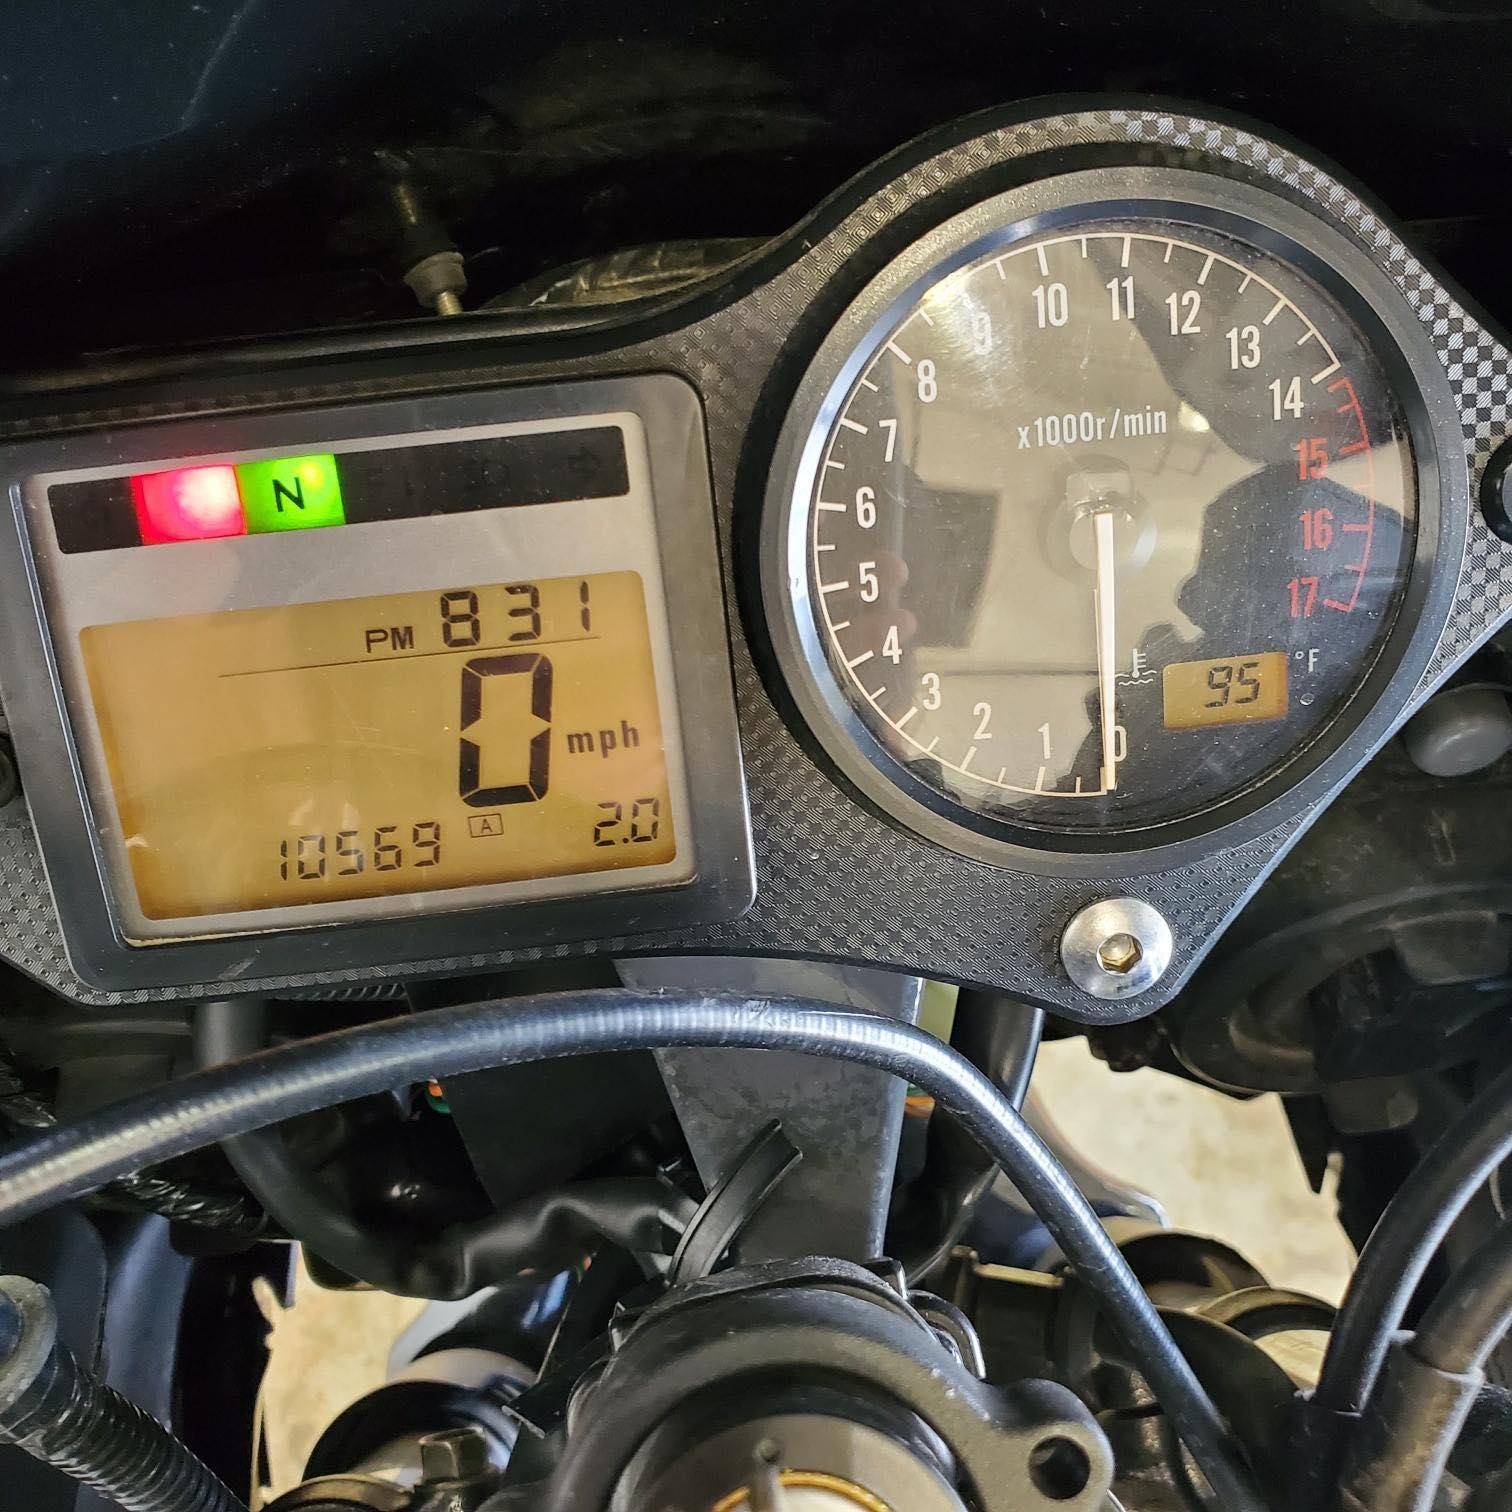 2006 Honda CBR 600F4i at Twisted Cycles